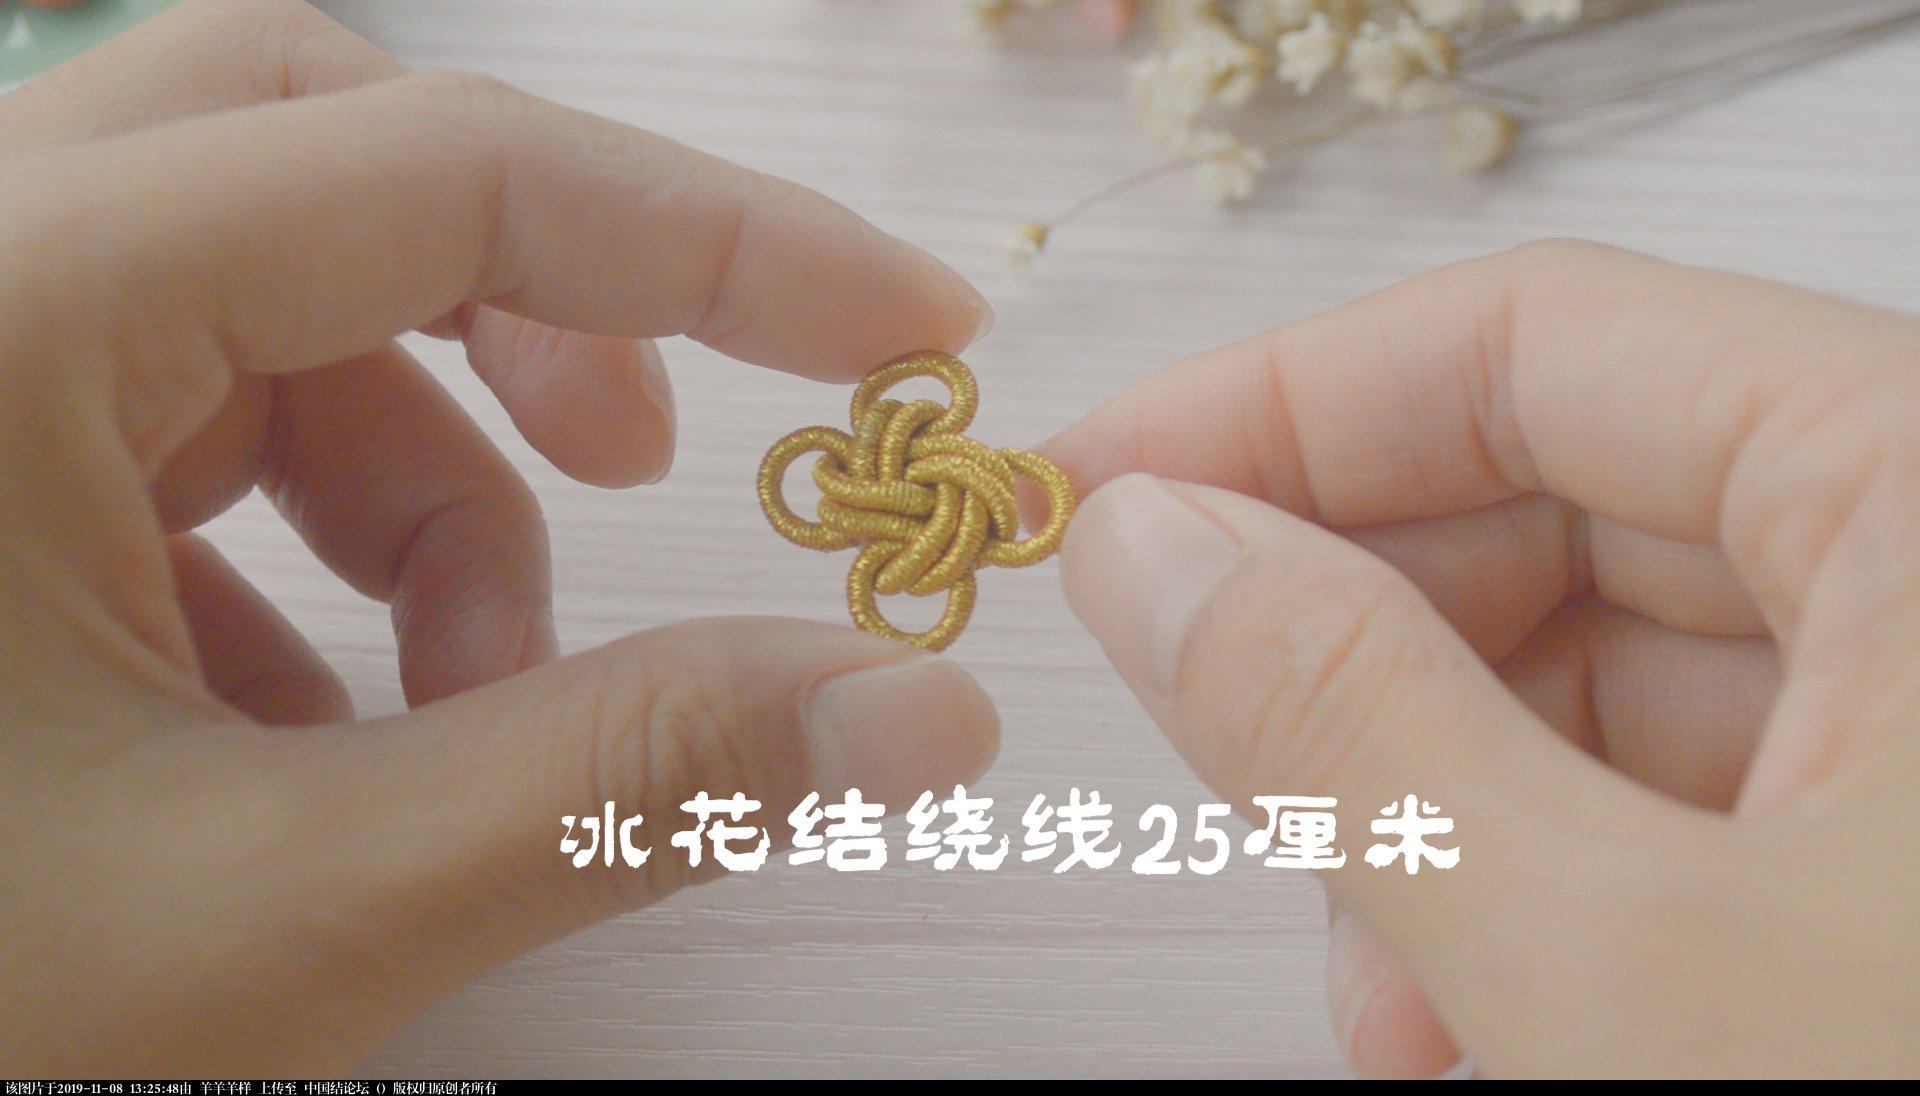 中国结论坛 冰花结只会用来做挂件?试试做一款属于自己的毛衣链,附视频教程  图文教程区 131728hf9r19qkqynk8117